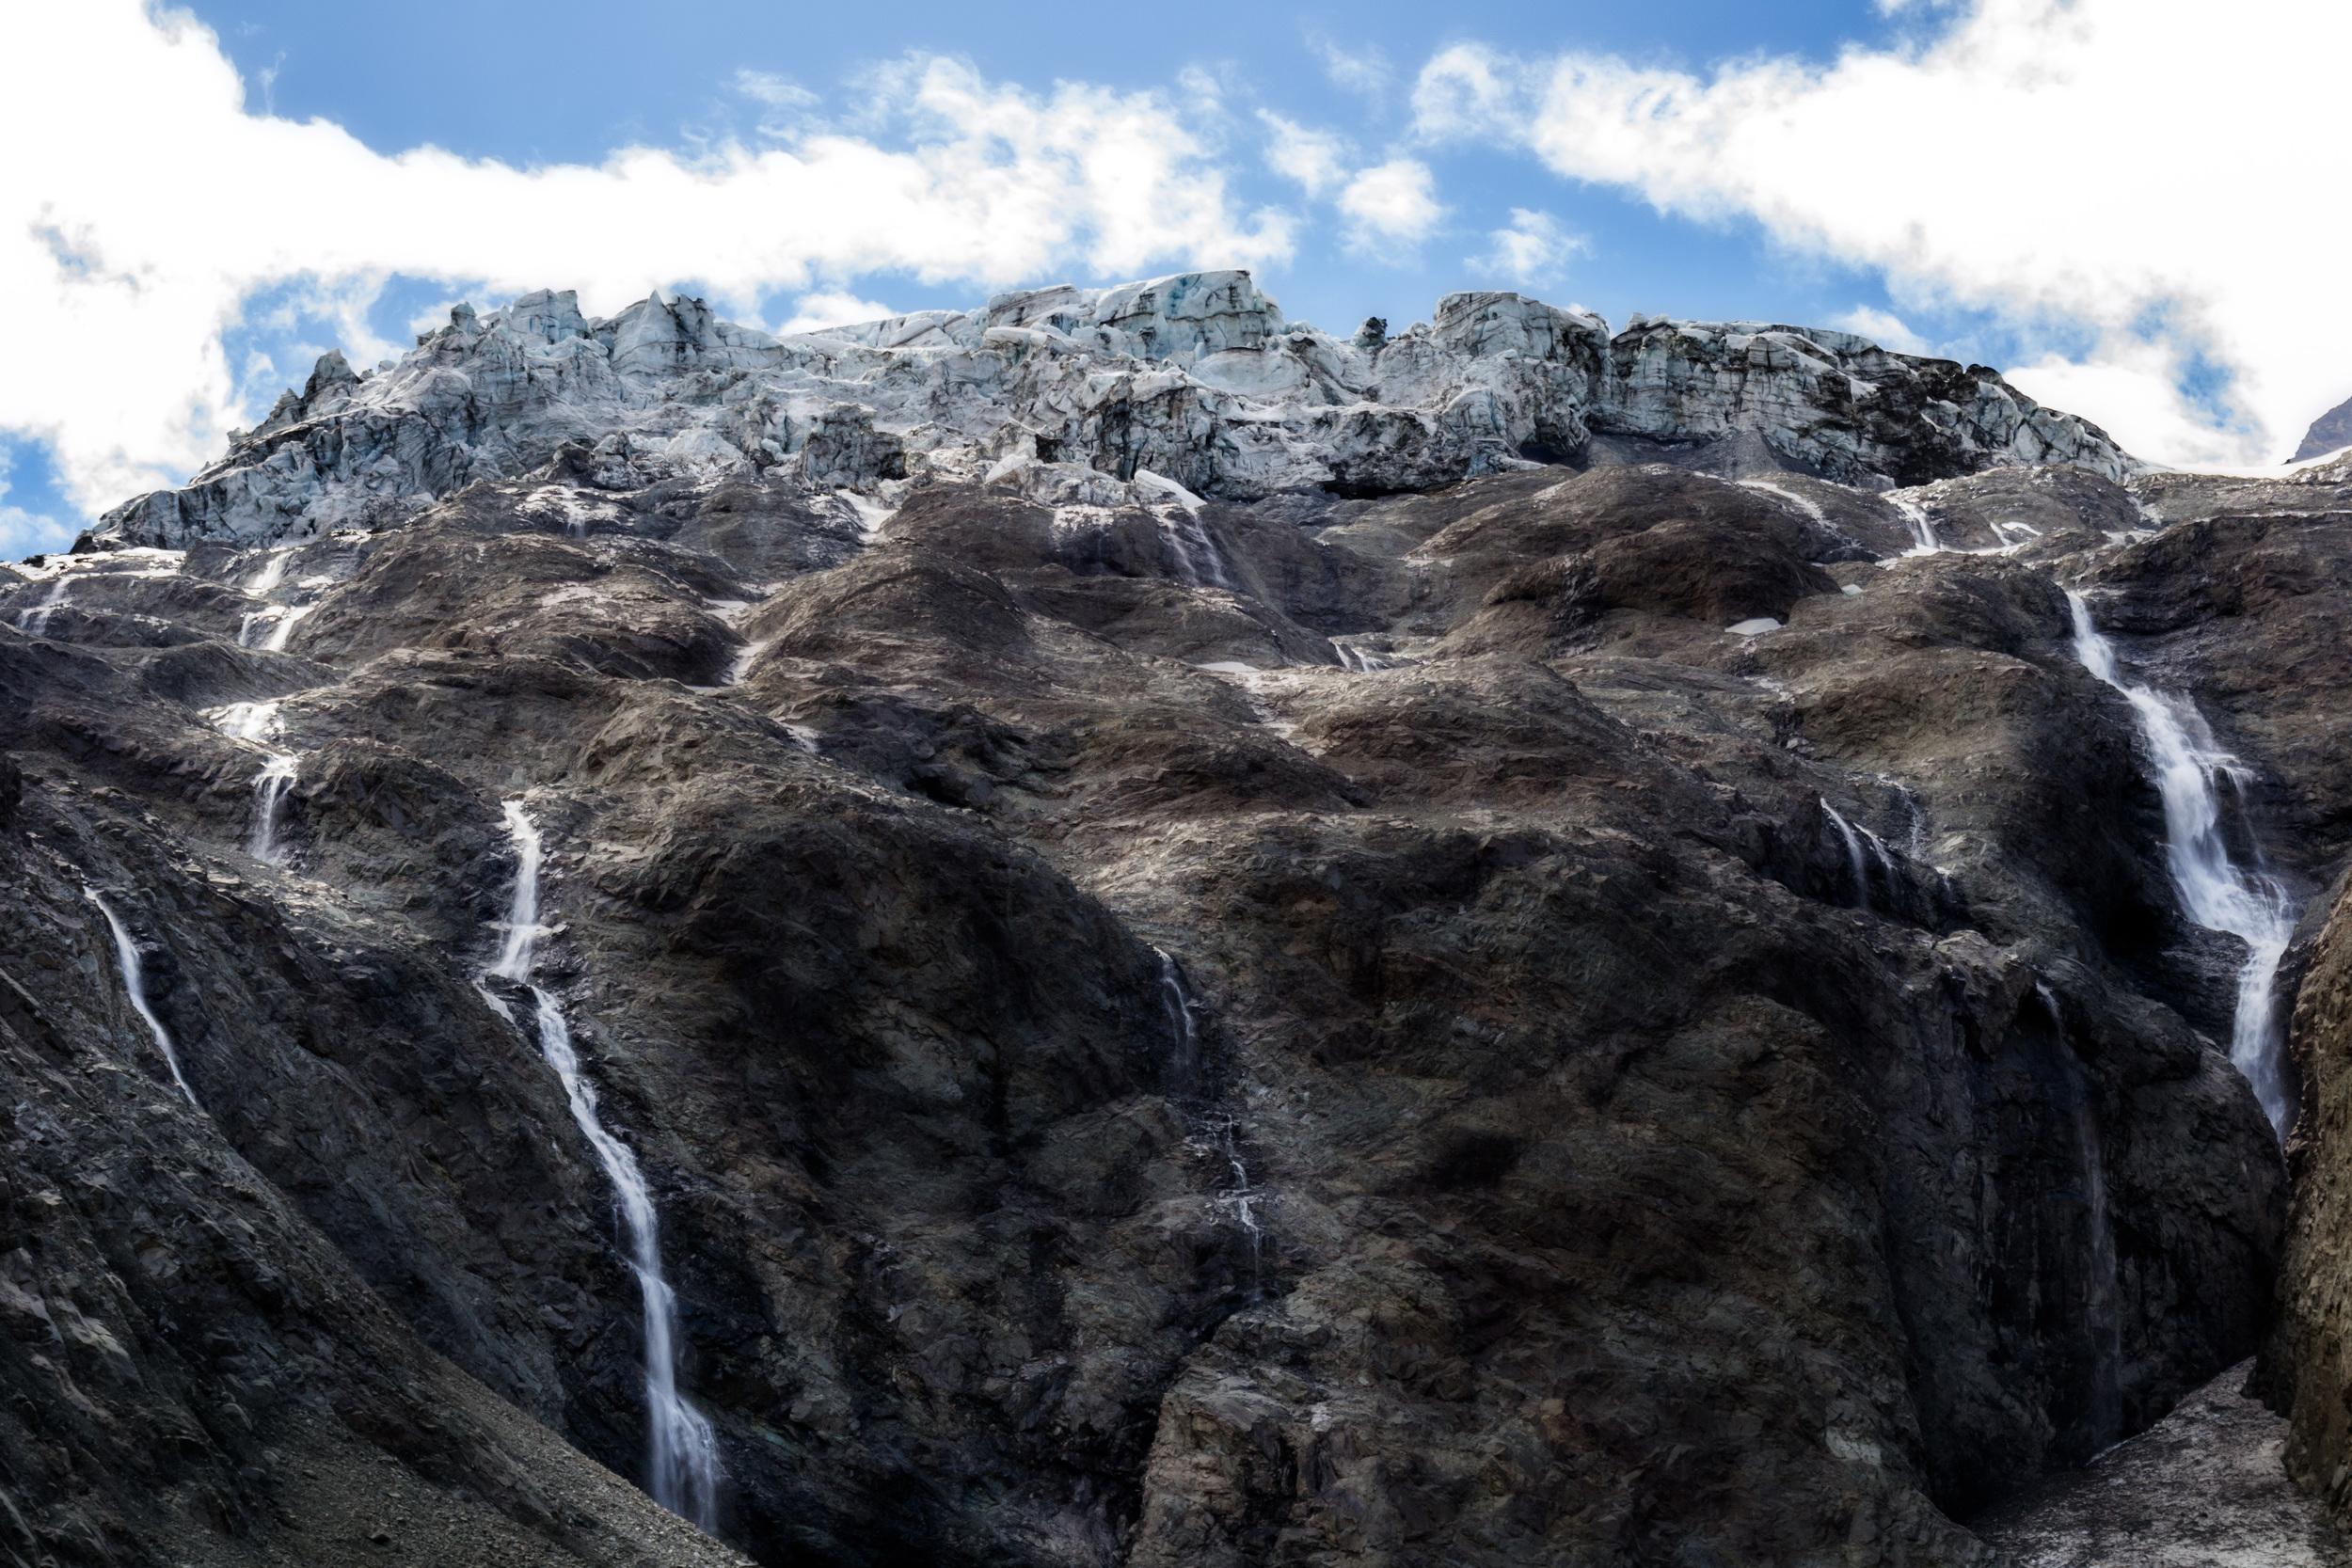 glaciermount